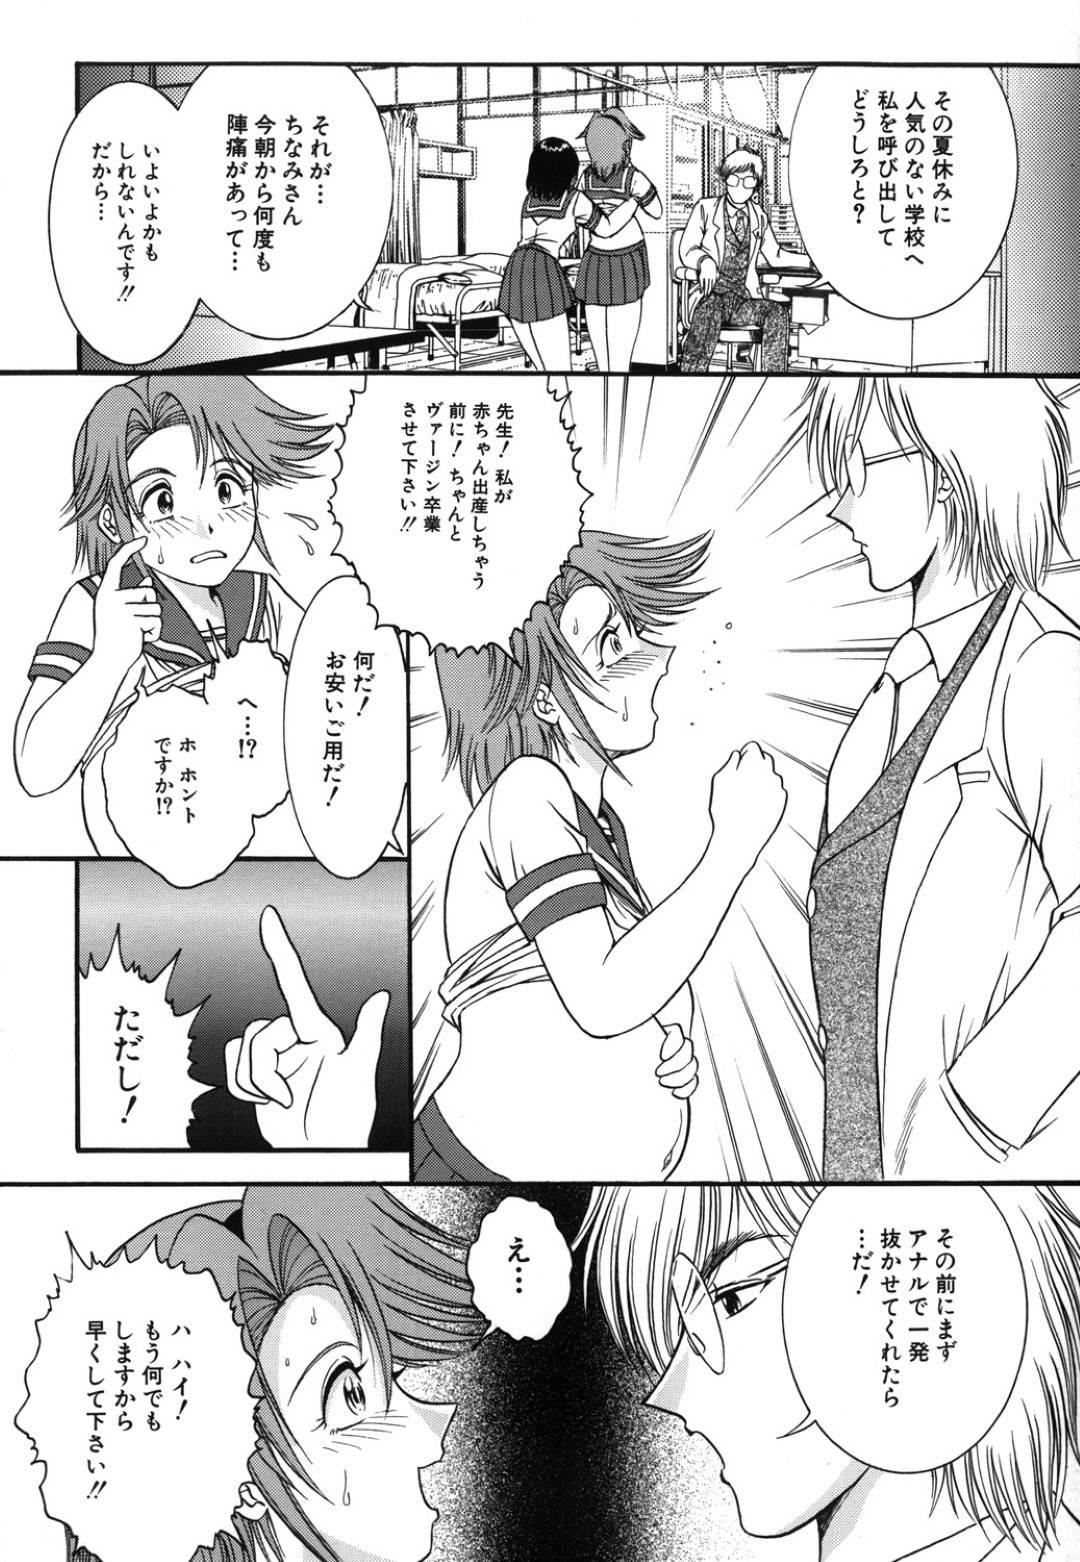 【エロ漫画】彼氏がクラスメイトに中出しした精子を舐めるJK彼女…毎日恒例になった保健室での3Pの後は2人でクラスメイトの家に行き百合を楽しむ!【YASKA】